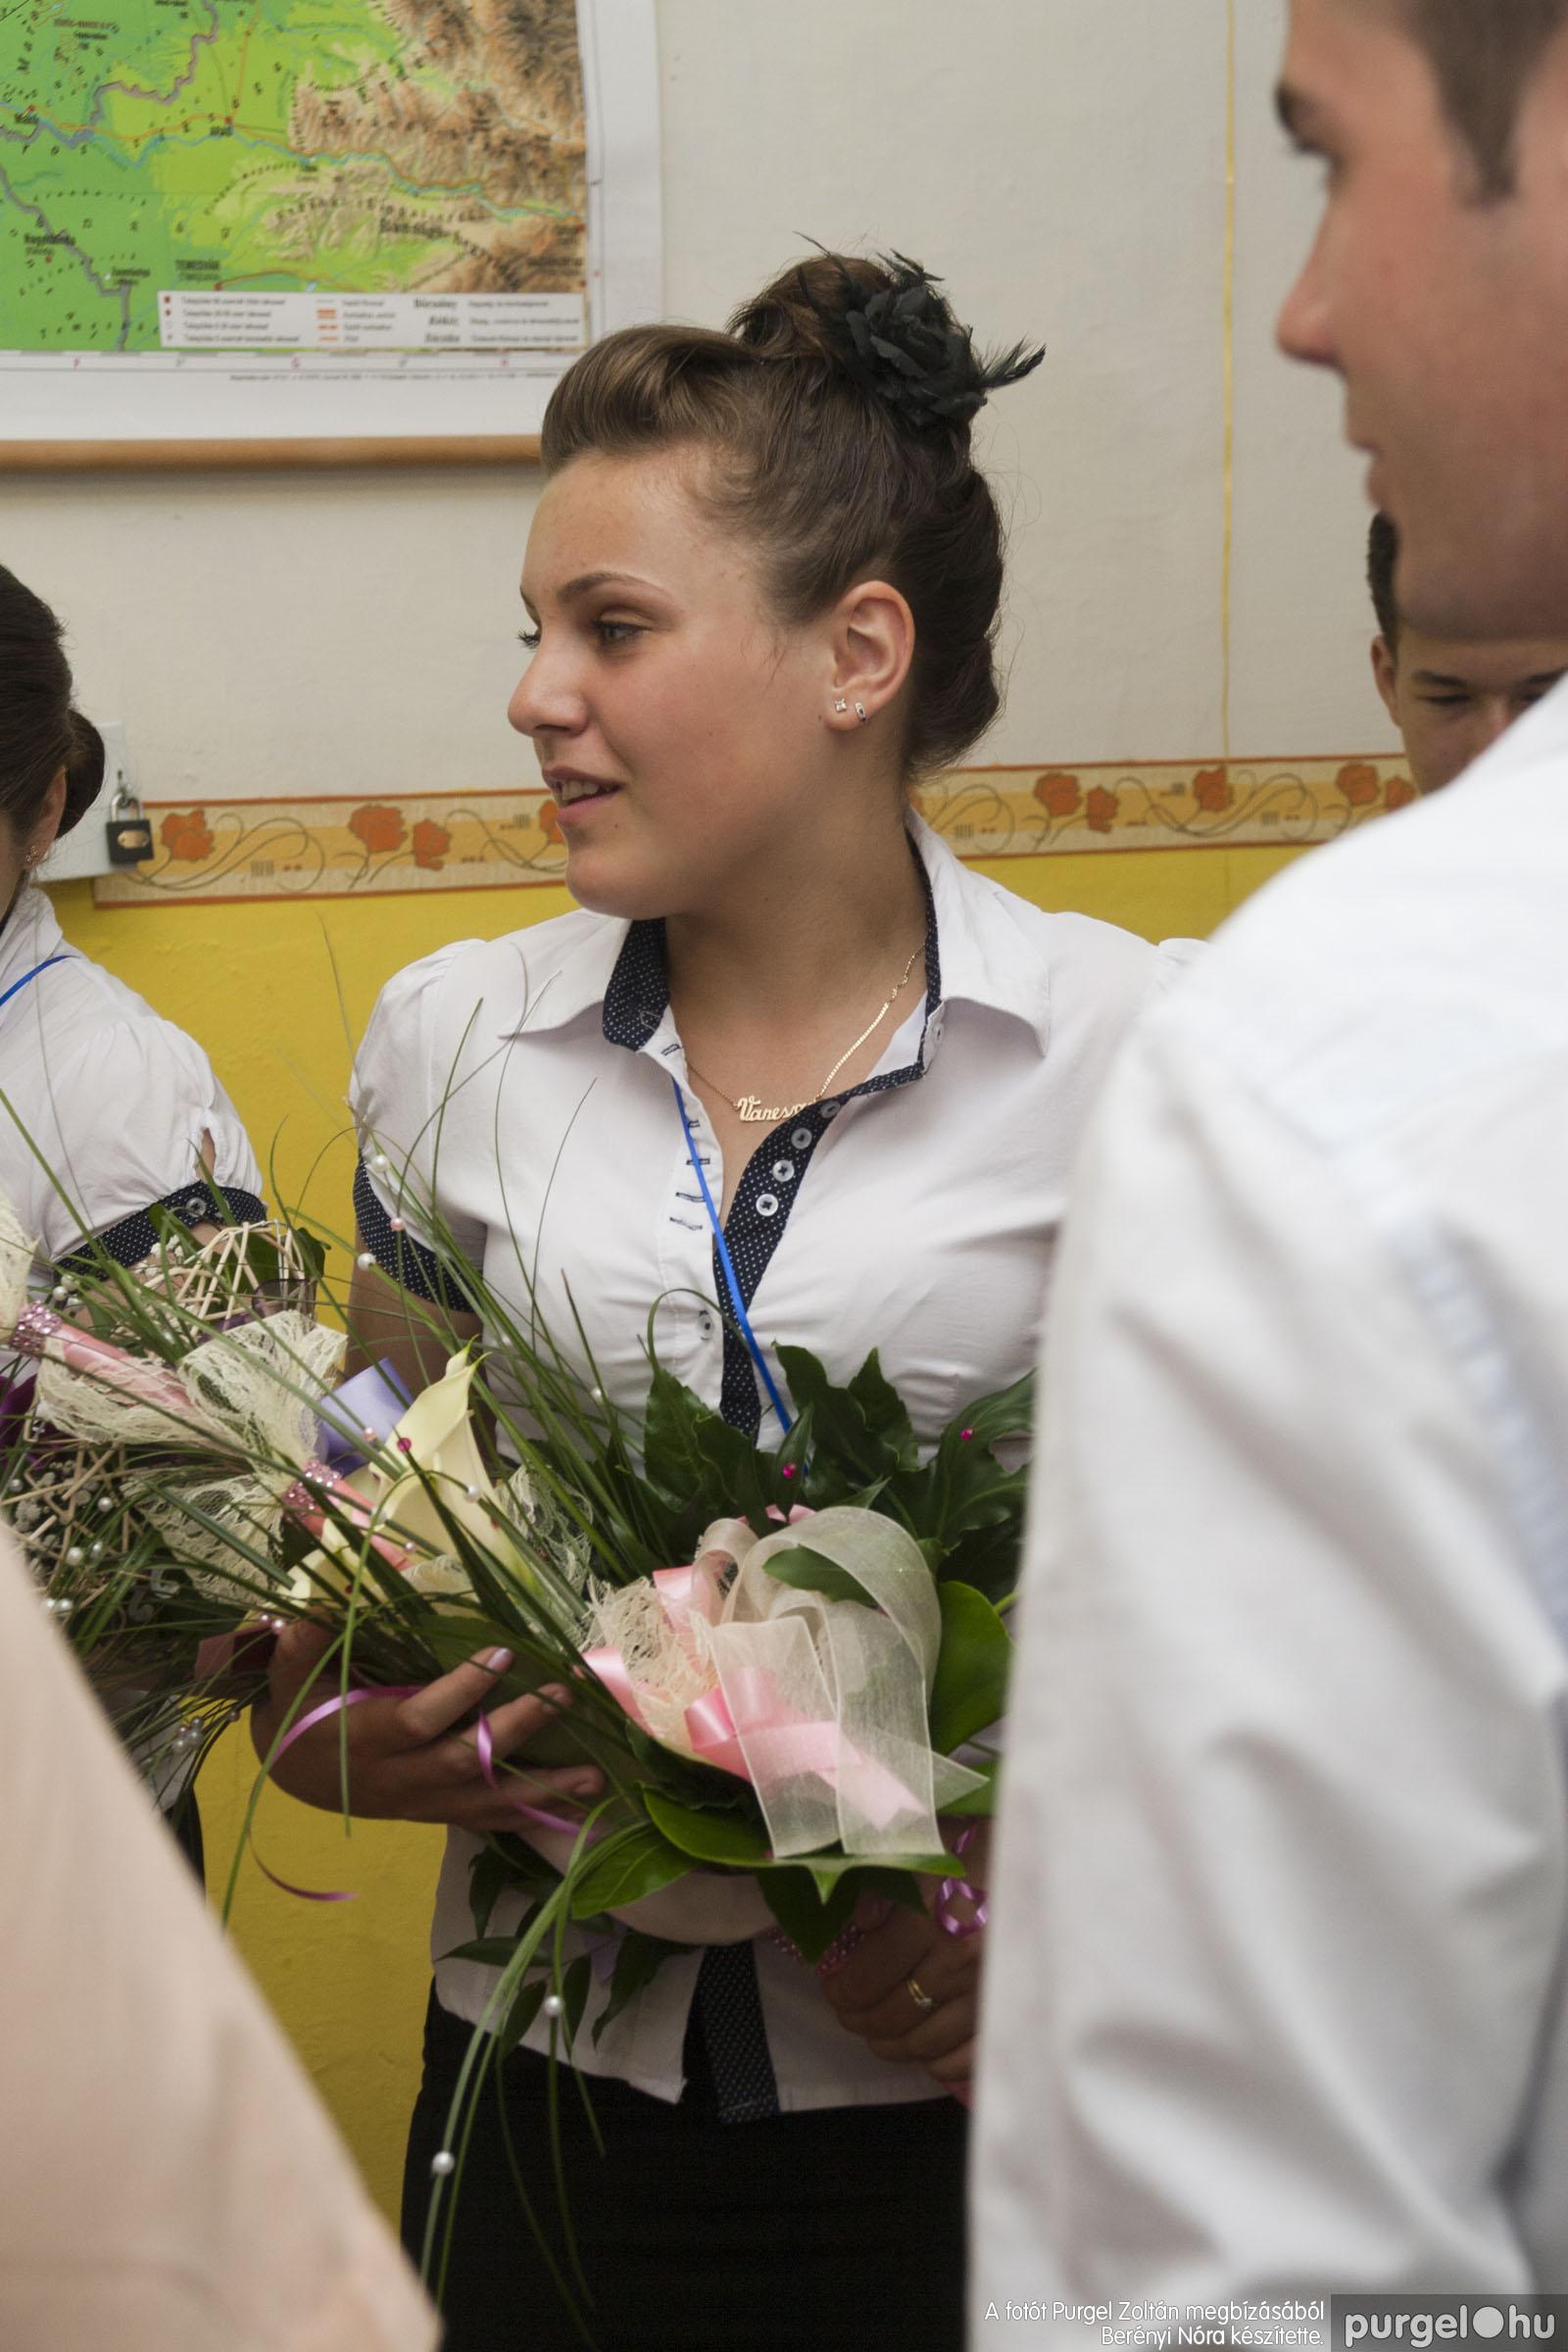 2014.06.14. 070 Forray Máté Általános Iskola ballagás 2014. - Fotó:BERÉNYI NÓRA© _MG_5628.jpg